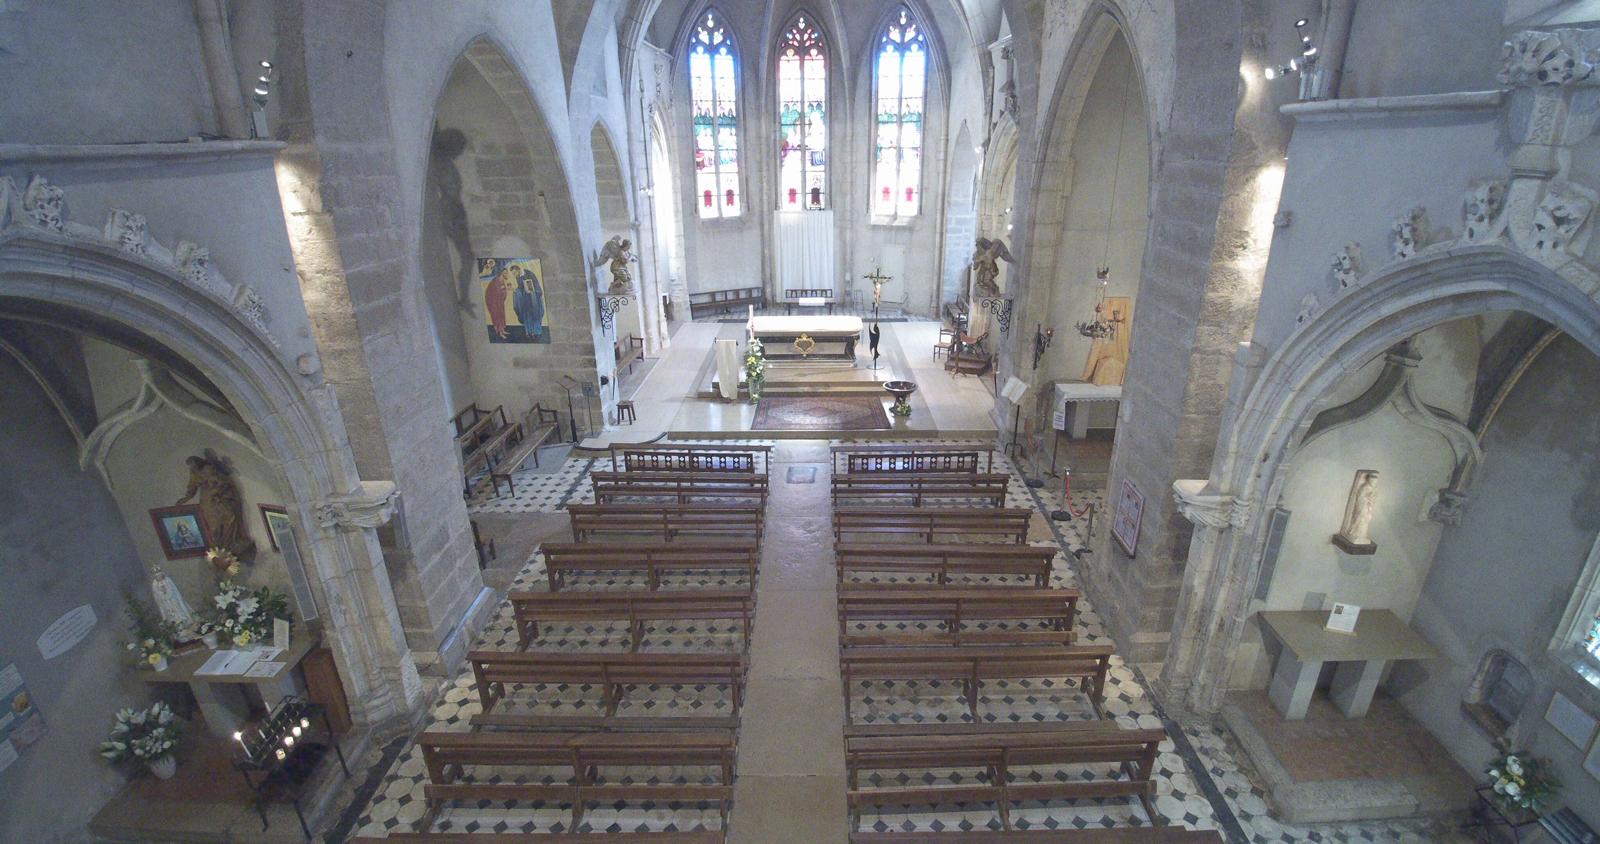 intérieur de l'église vue globale